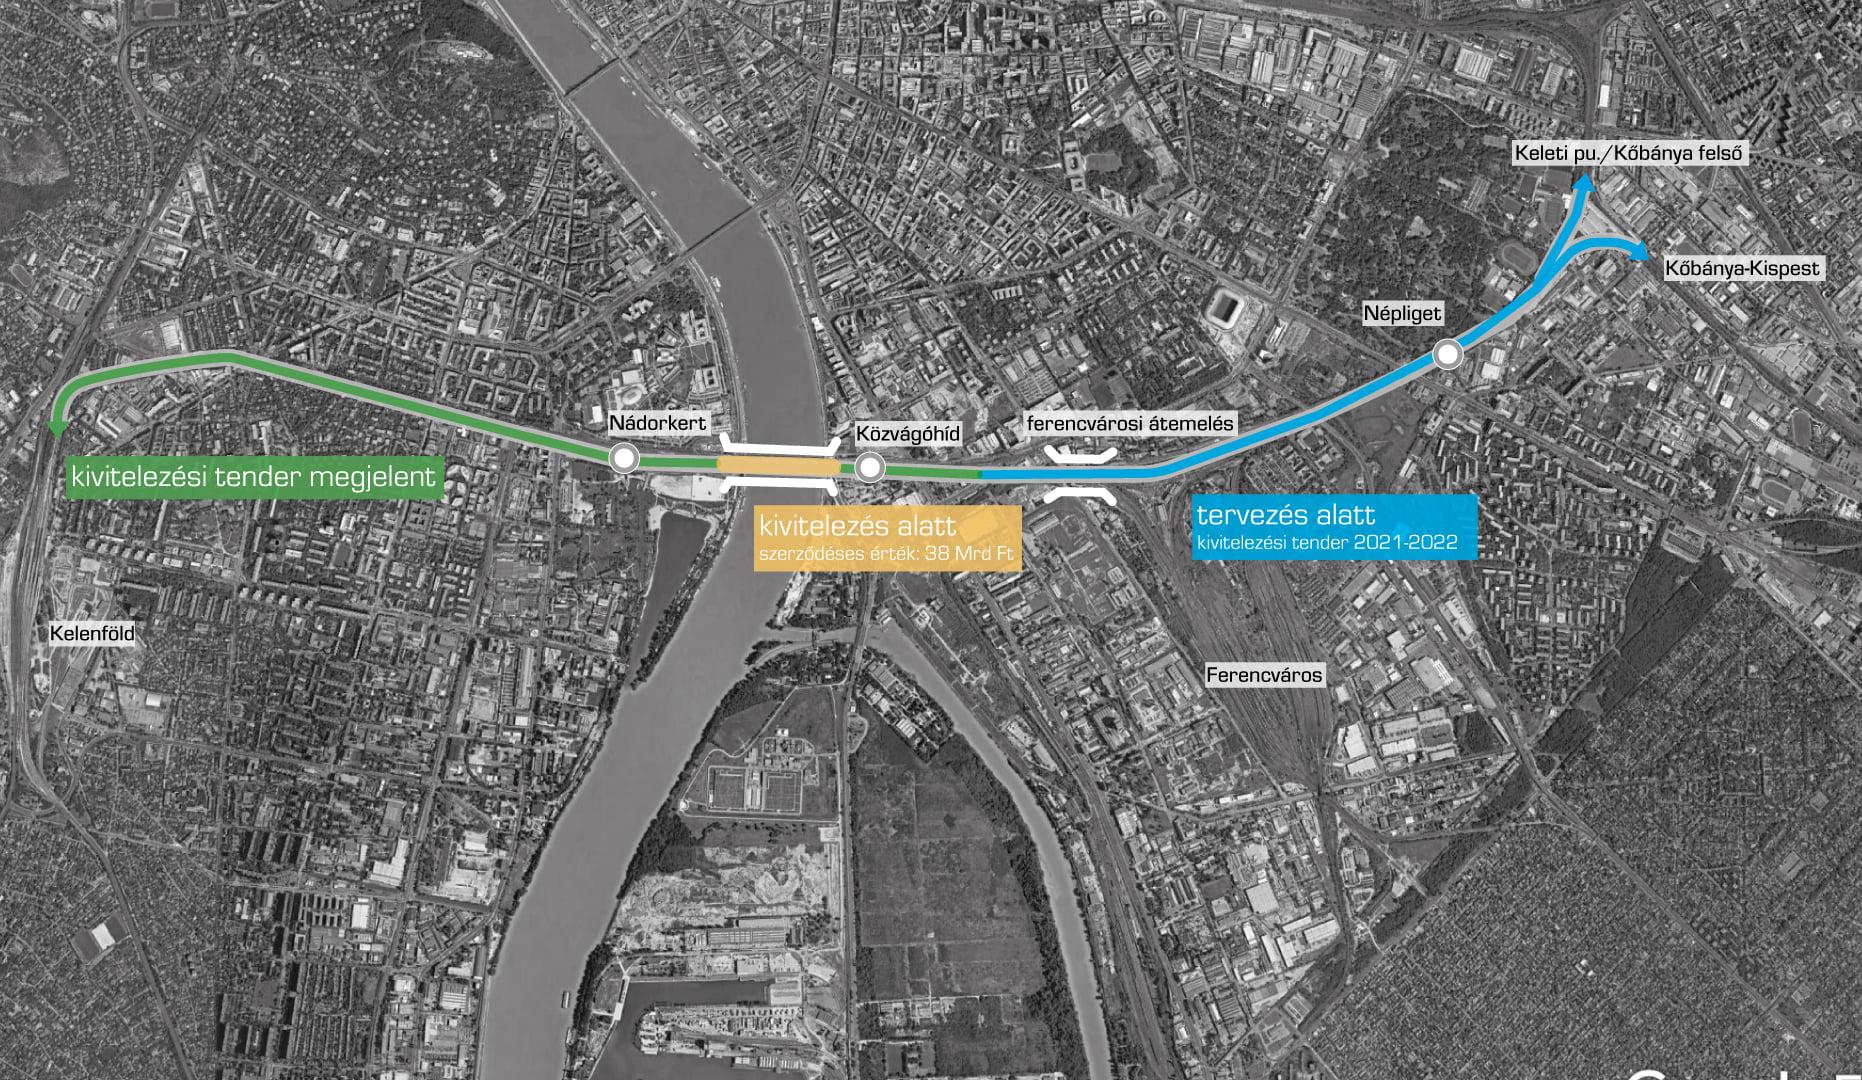 337 milliárdból korszerűsítik a vonatközlekedést Mészáros Lőrincék Budapest déli részén